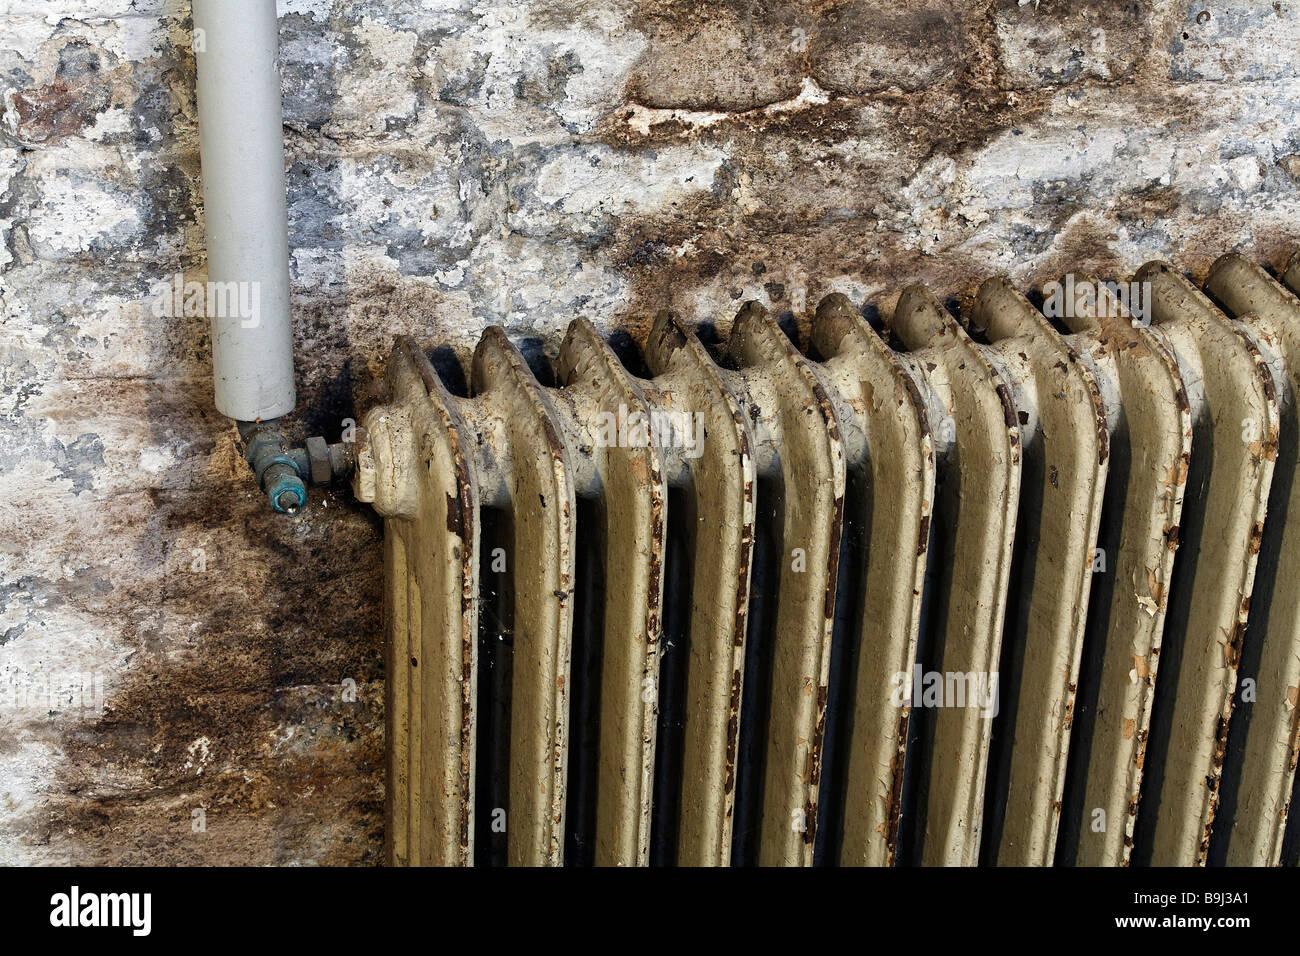 Alte Heizkörper alte heizkörper mit farbe abplatzt montiert an feuchten kellerwand